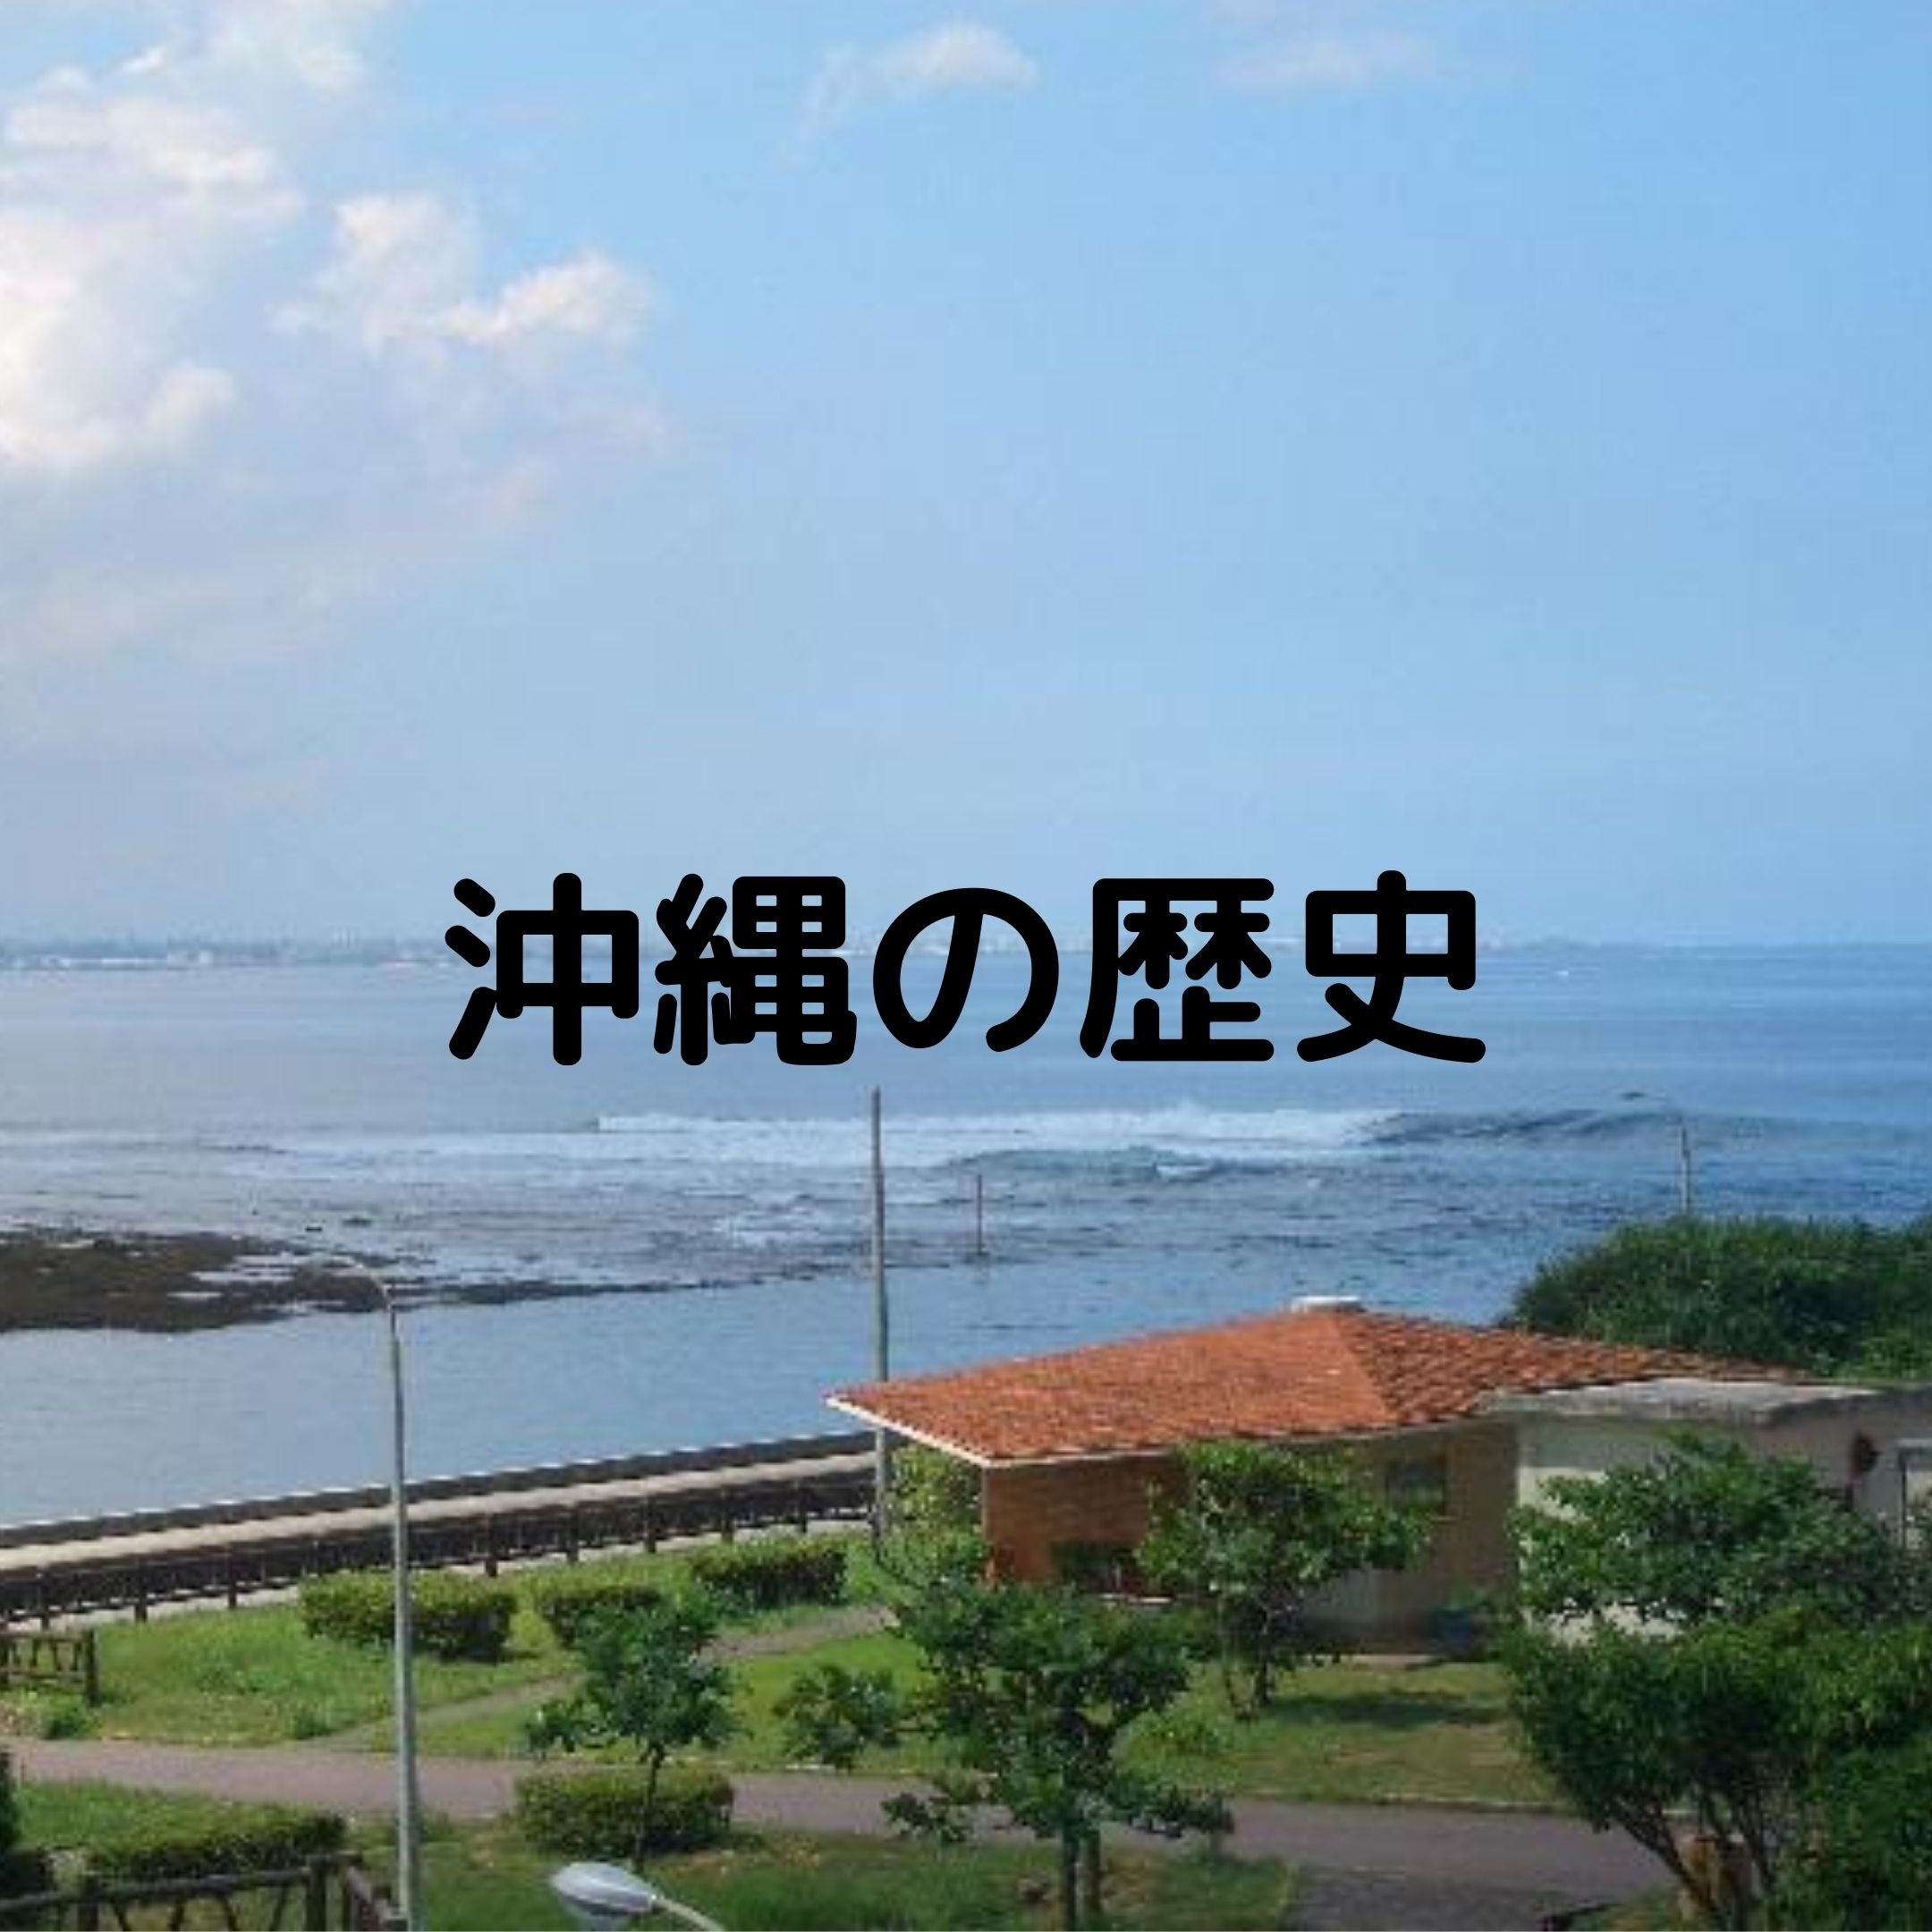 [複製]土日限定 沖縄の歴史 (現地払い限定)のイメージその1